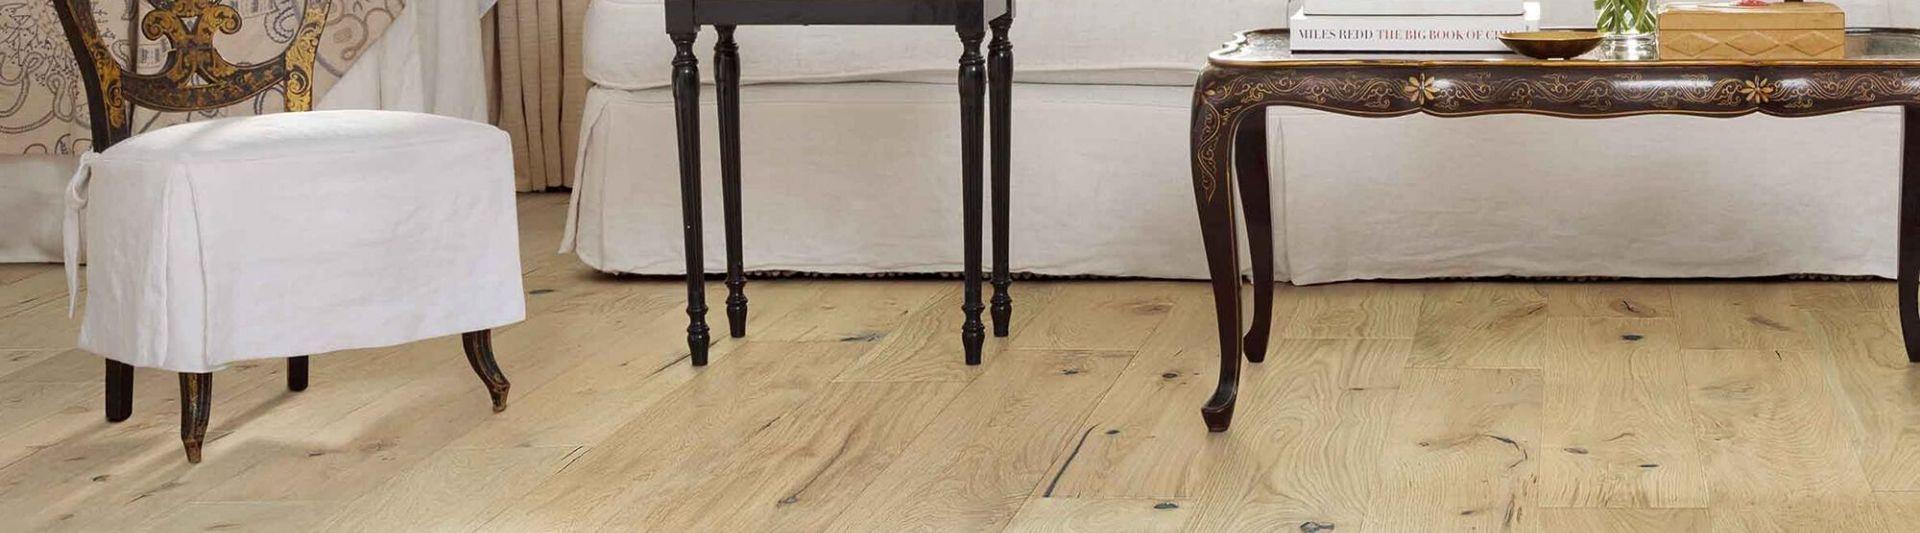 Hardwoods floor in living room